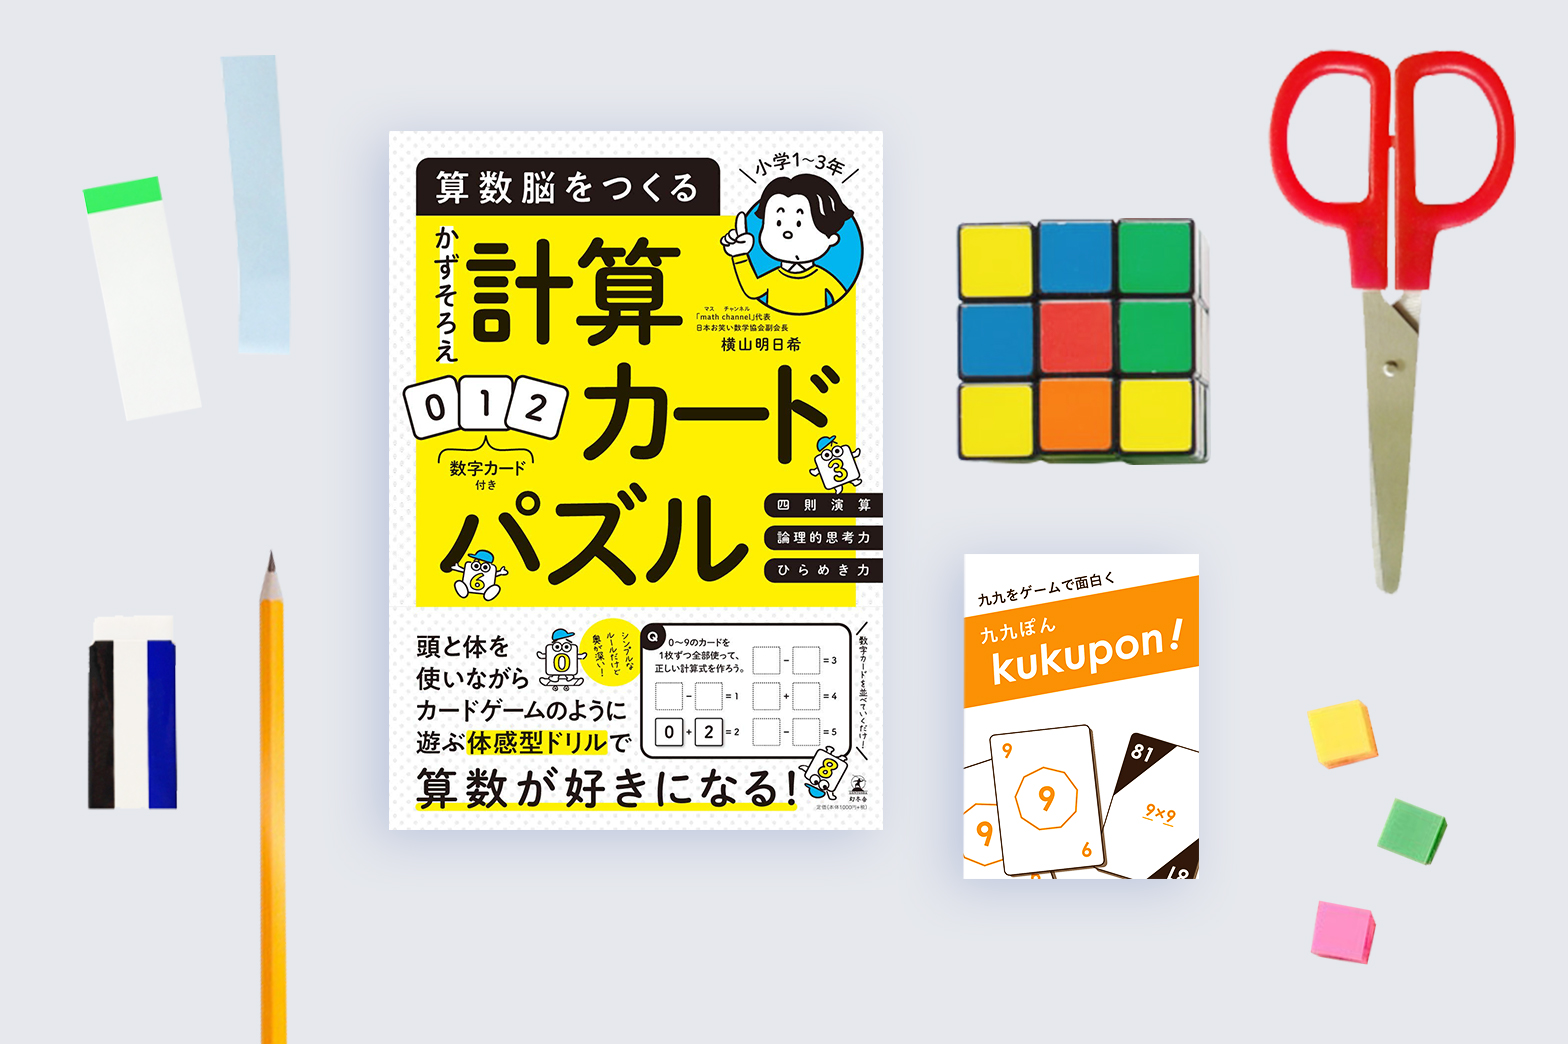 教材・ゲーム開発